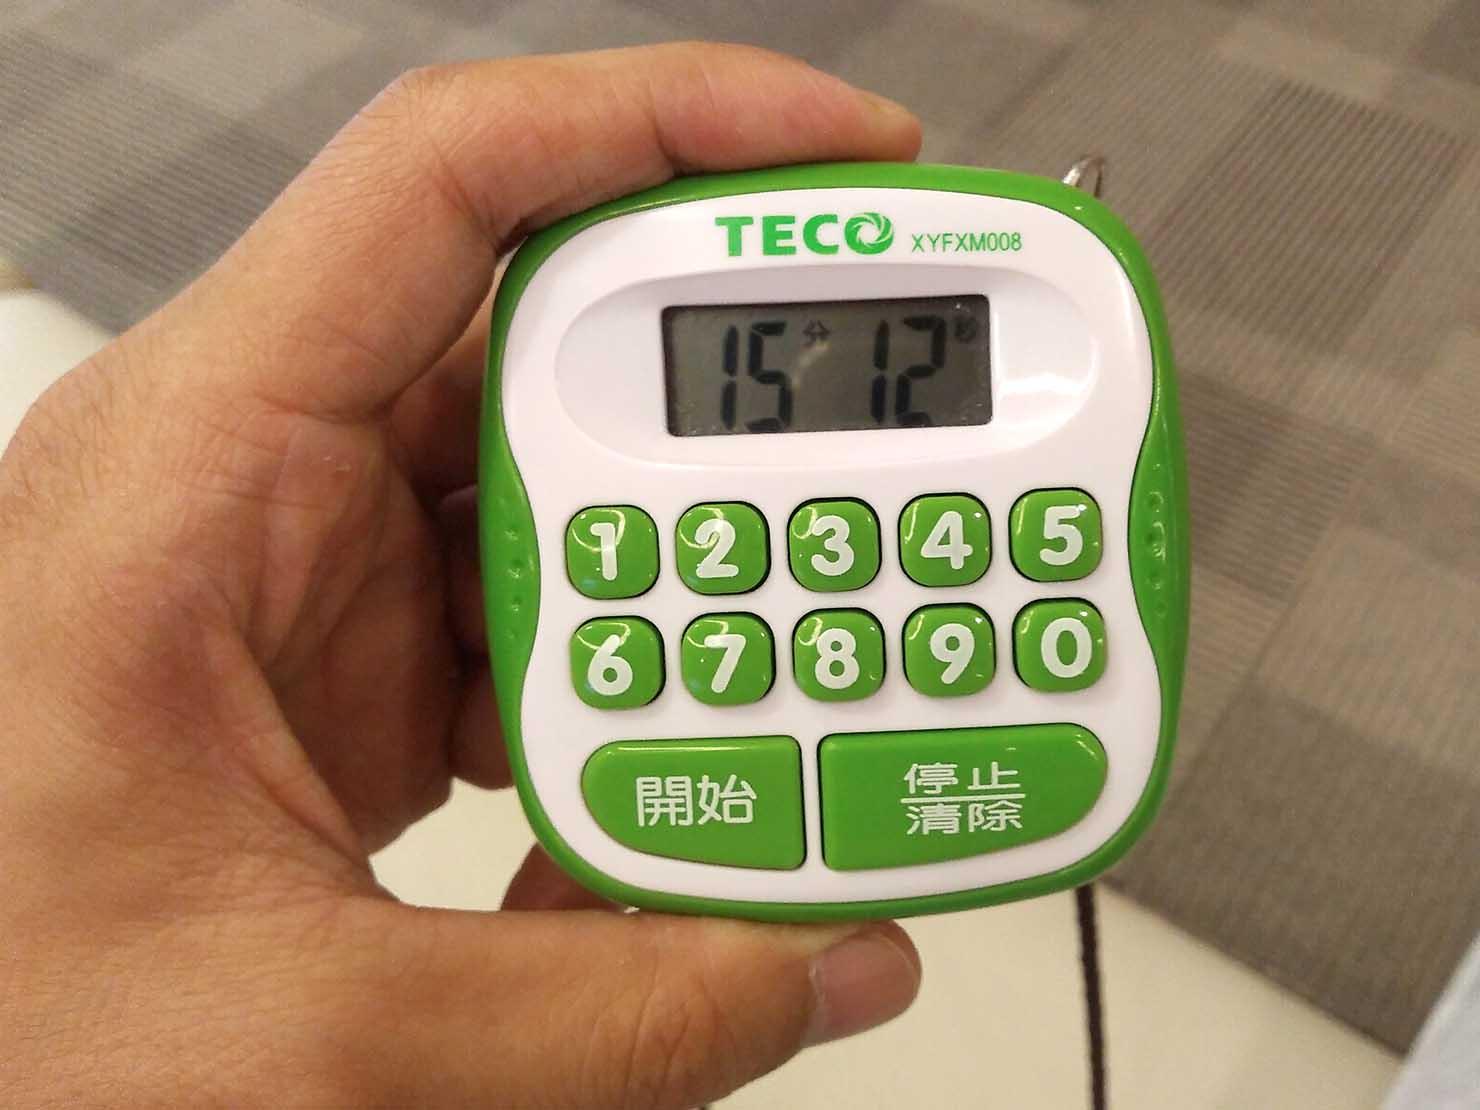 台湾の健康診断センター「國泰健康管理」のストップウォッチ